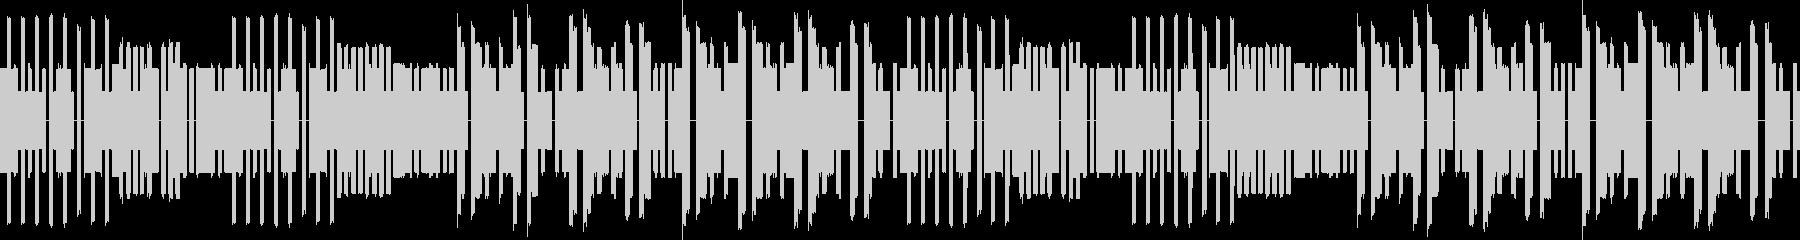 キャッチーなレトロゲーム風のBGMです。の未再生の波形